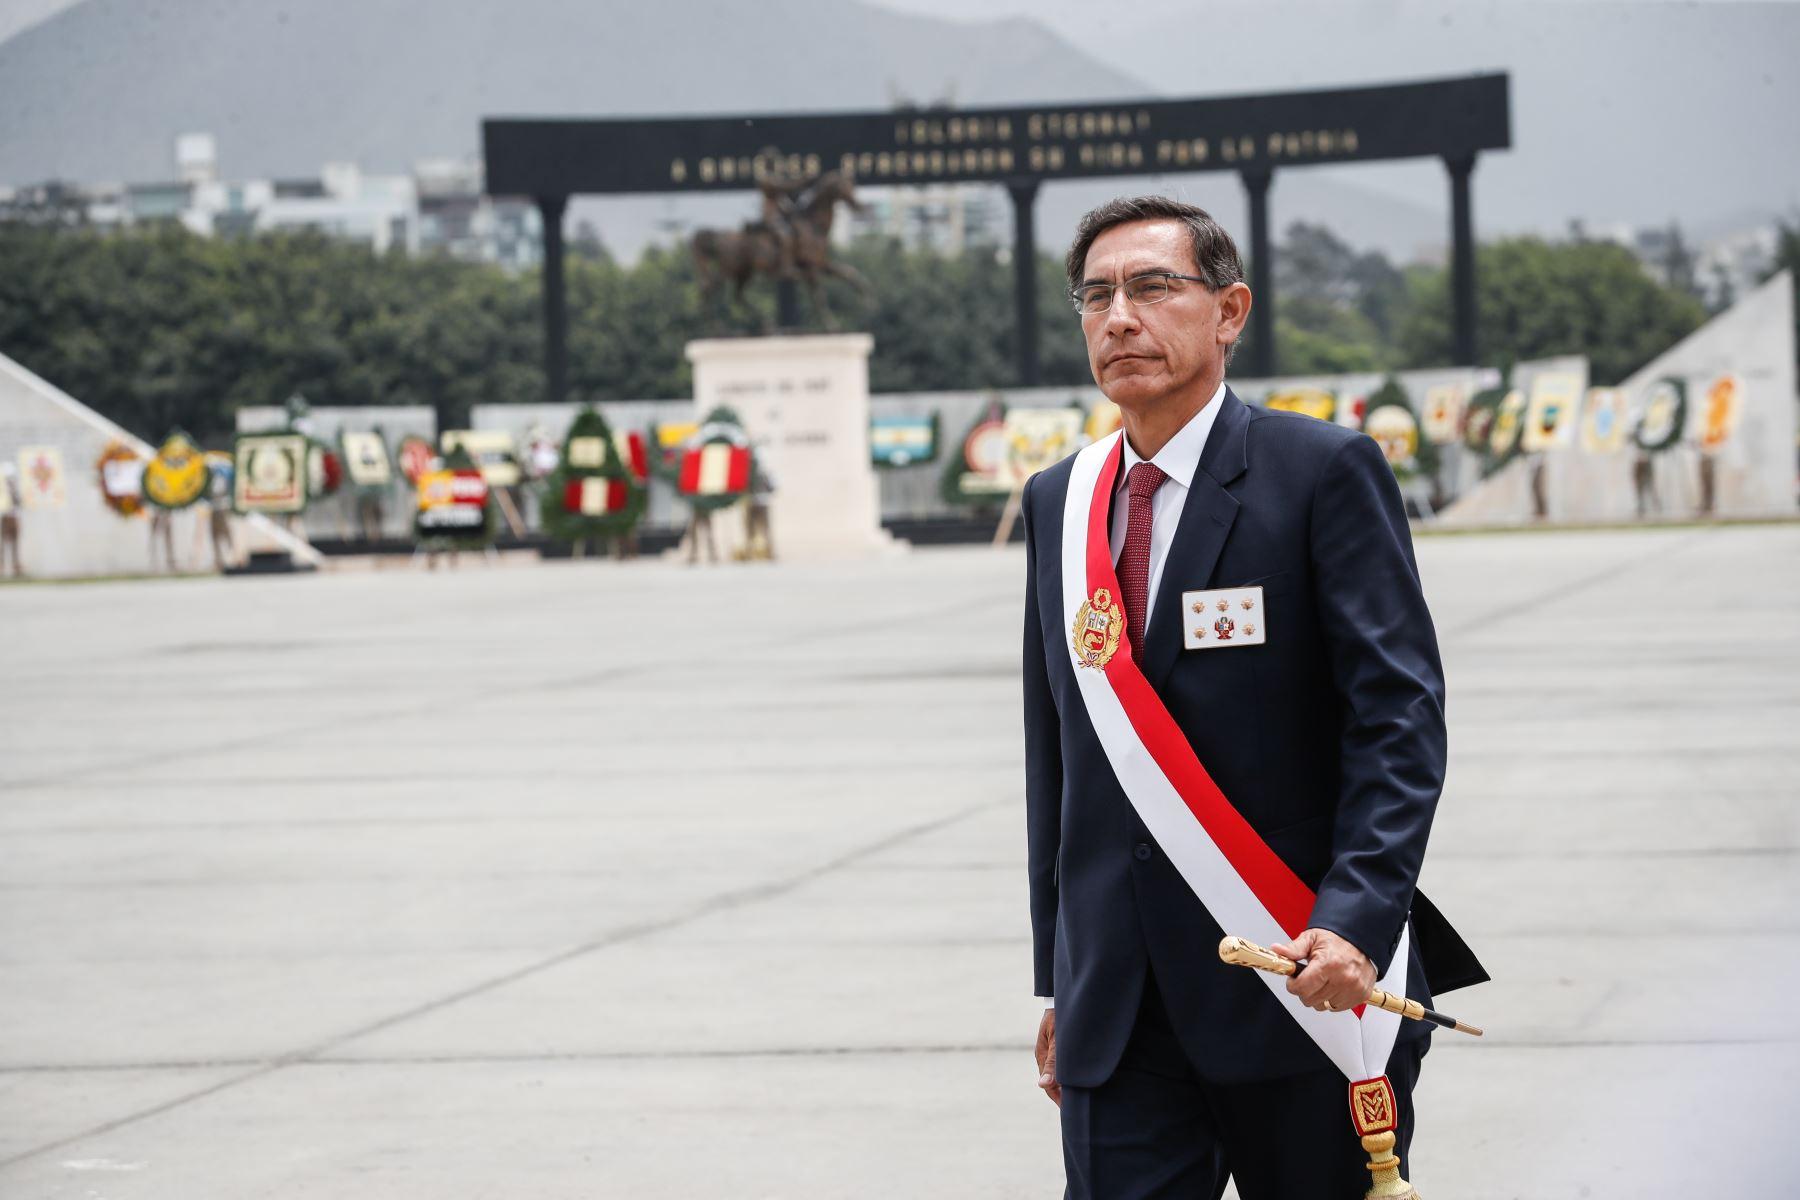 Presidente Martín Vizcarra en ceremonia por el Día del Ejército del Perú. Foto: ANDINA/Renato Pajuelo